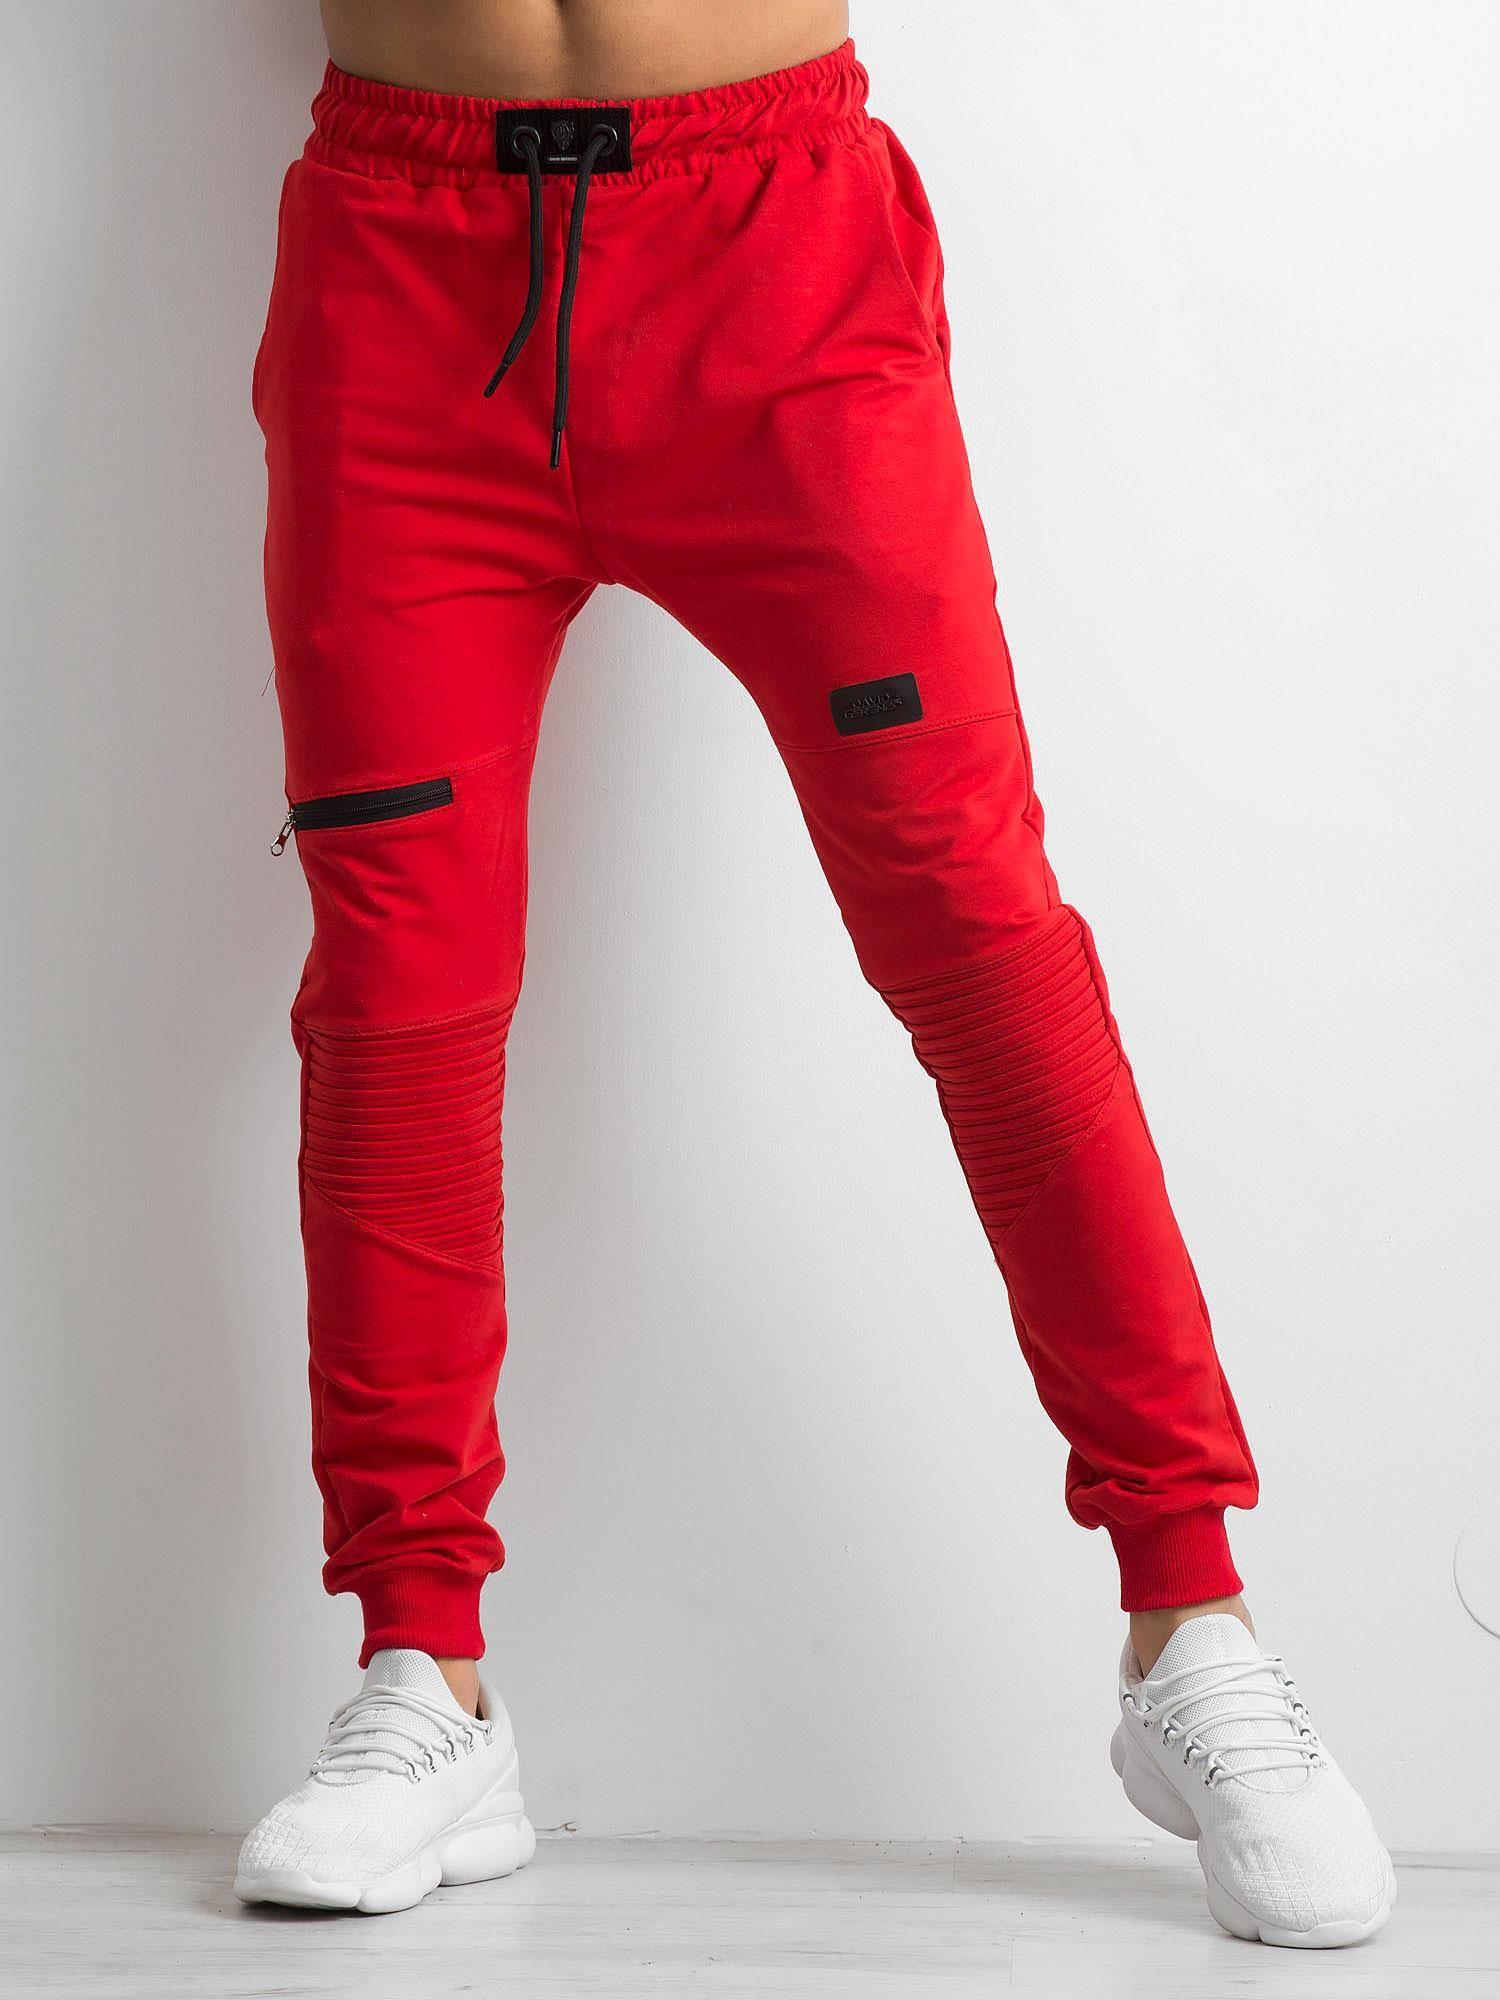 93ad889b0 Czerwone męskie spodnie dresowe - Mężczyźni Spodnie dresowe męskie ...